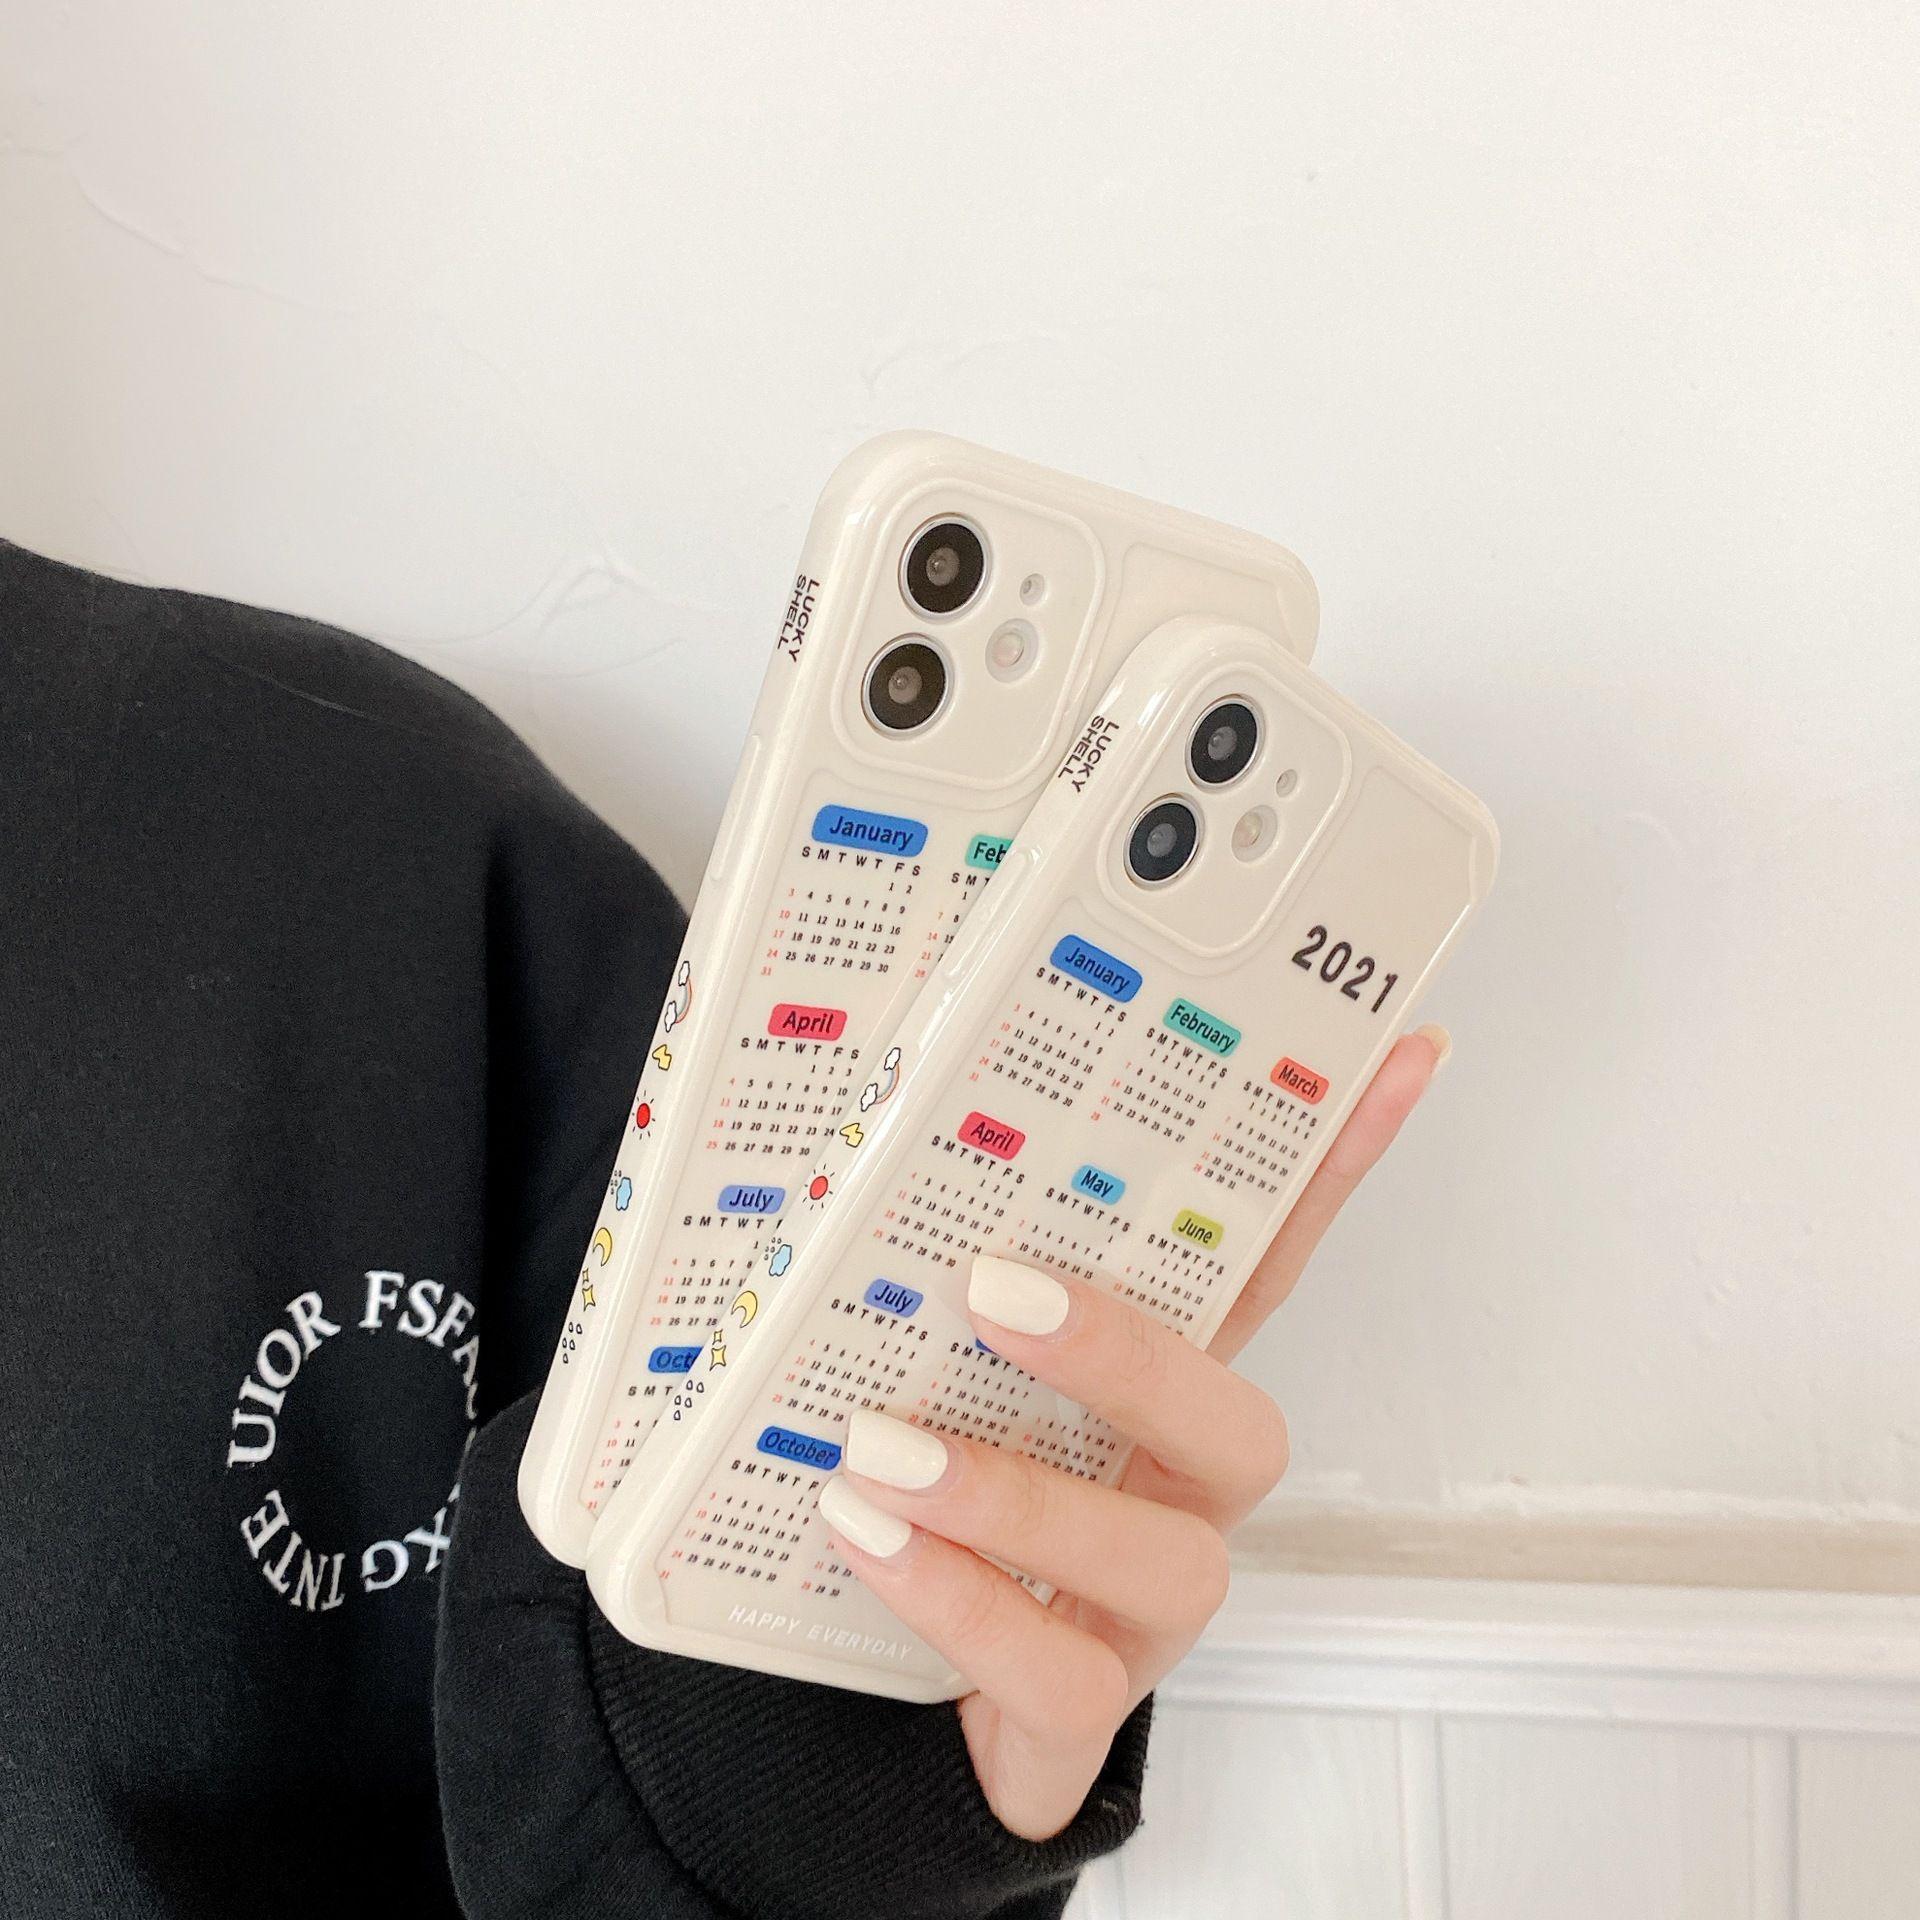 Reli 2021 ano dos casos de celular calendário de boi para iphone 11 12 pro max xr x 7 8 mais caso soft tpu estojo lateral criativo